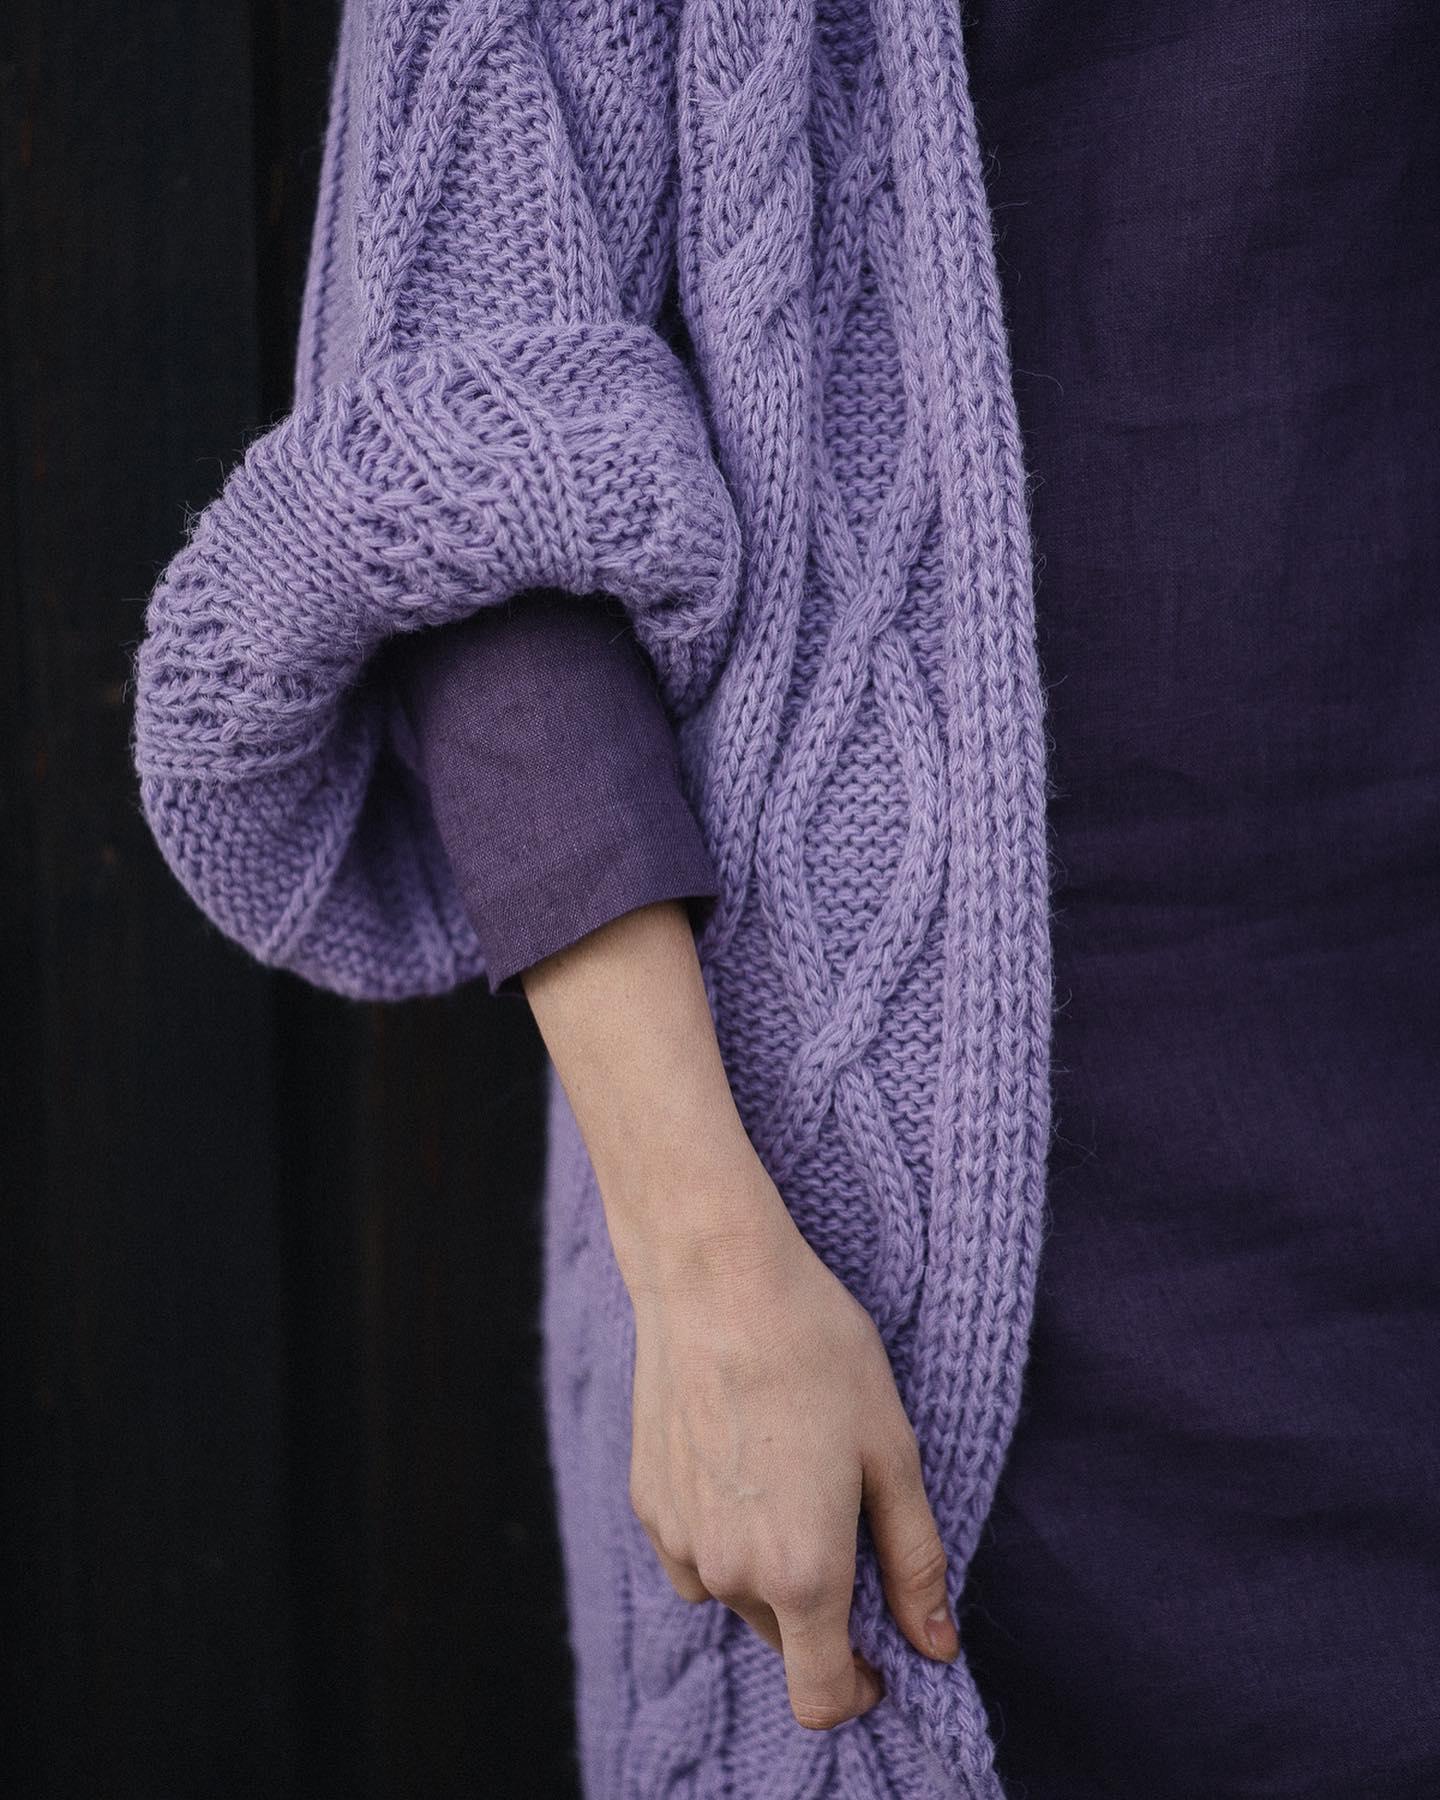 Sweter na lata! Zwłaszcza w naszym umiarkowanym klimacie - sprawdza się o każdej porze roku 💜💜💜 Lubicie go, wiem. Wystąpił gościnnie w sesji u @natulaclothing Dziękuję i zapraszam 💋